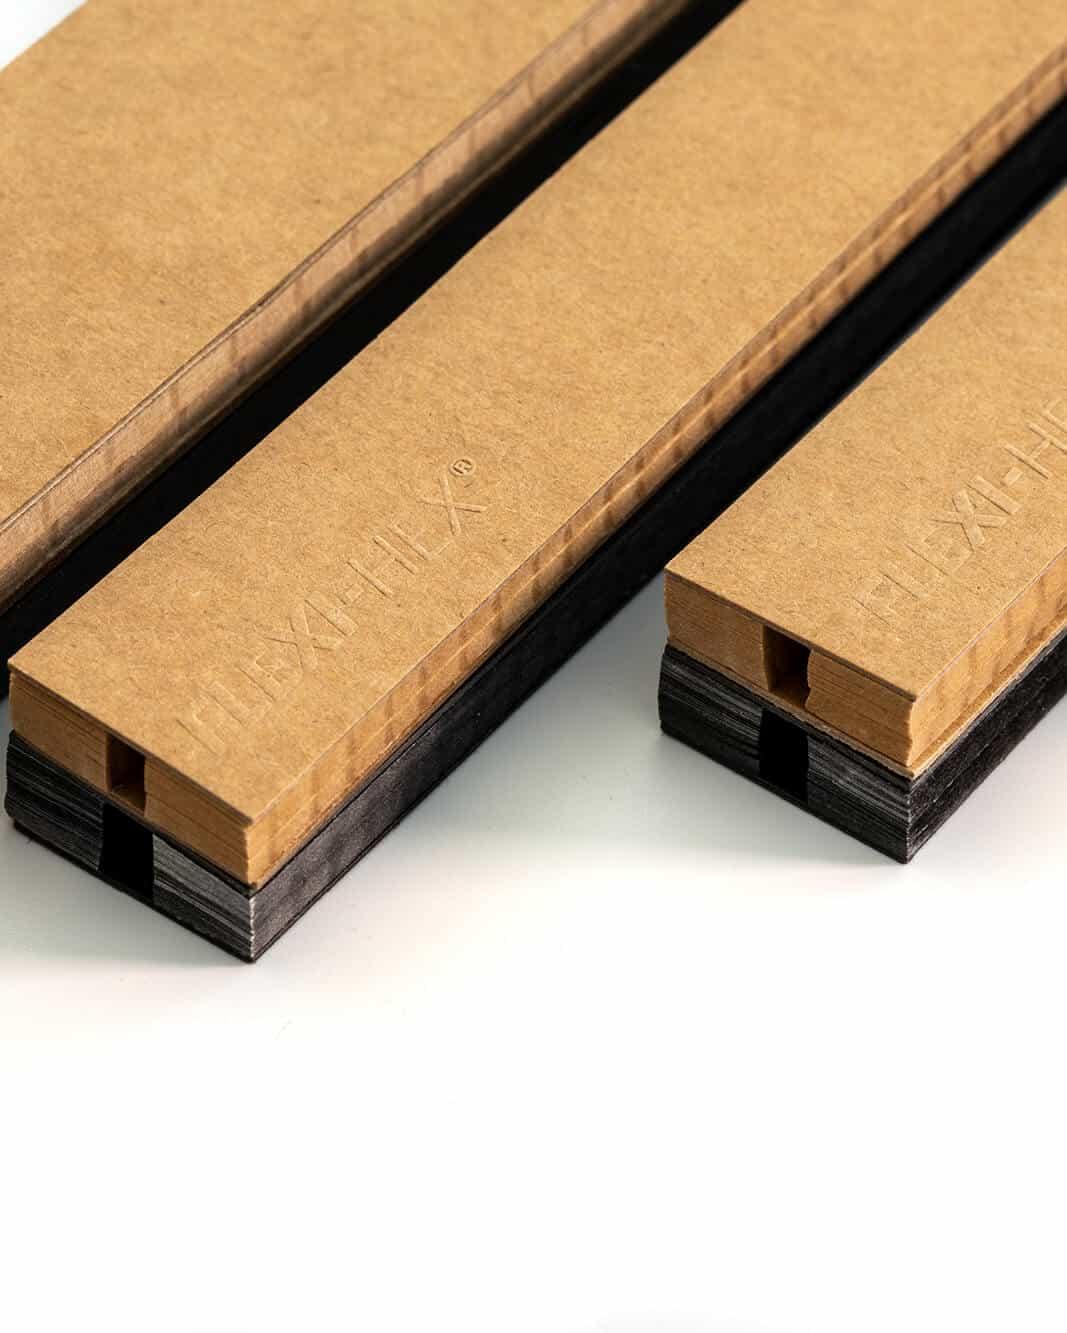 Lite boardsport packaging sleeve being cut